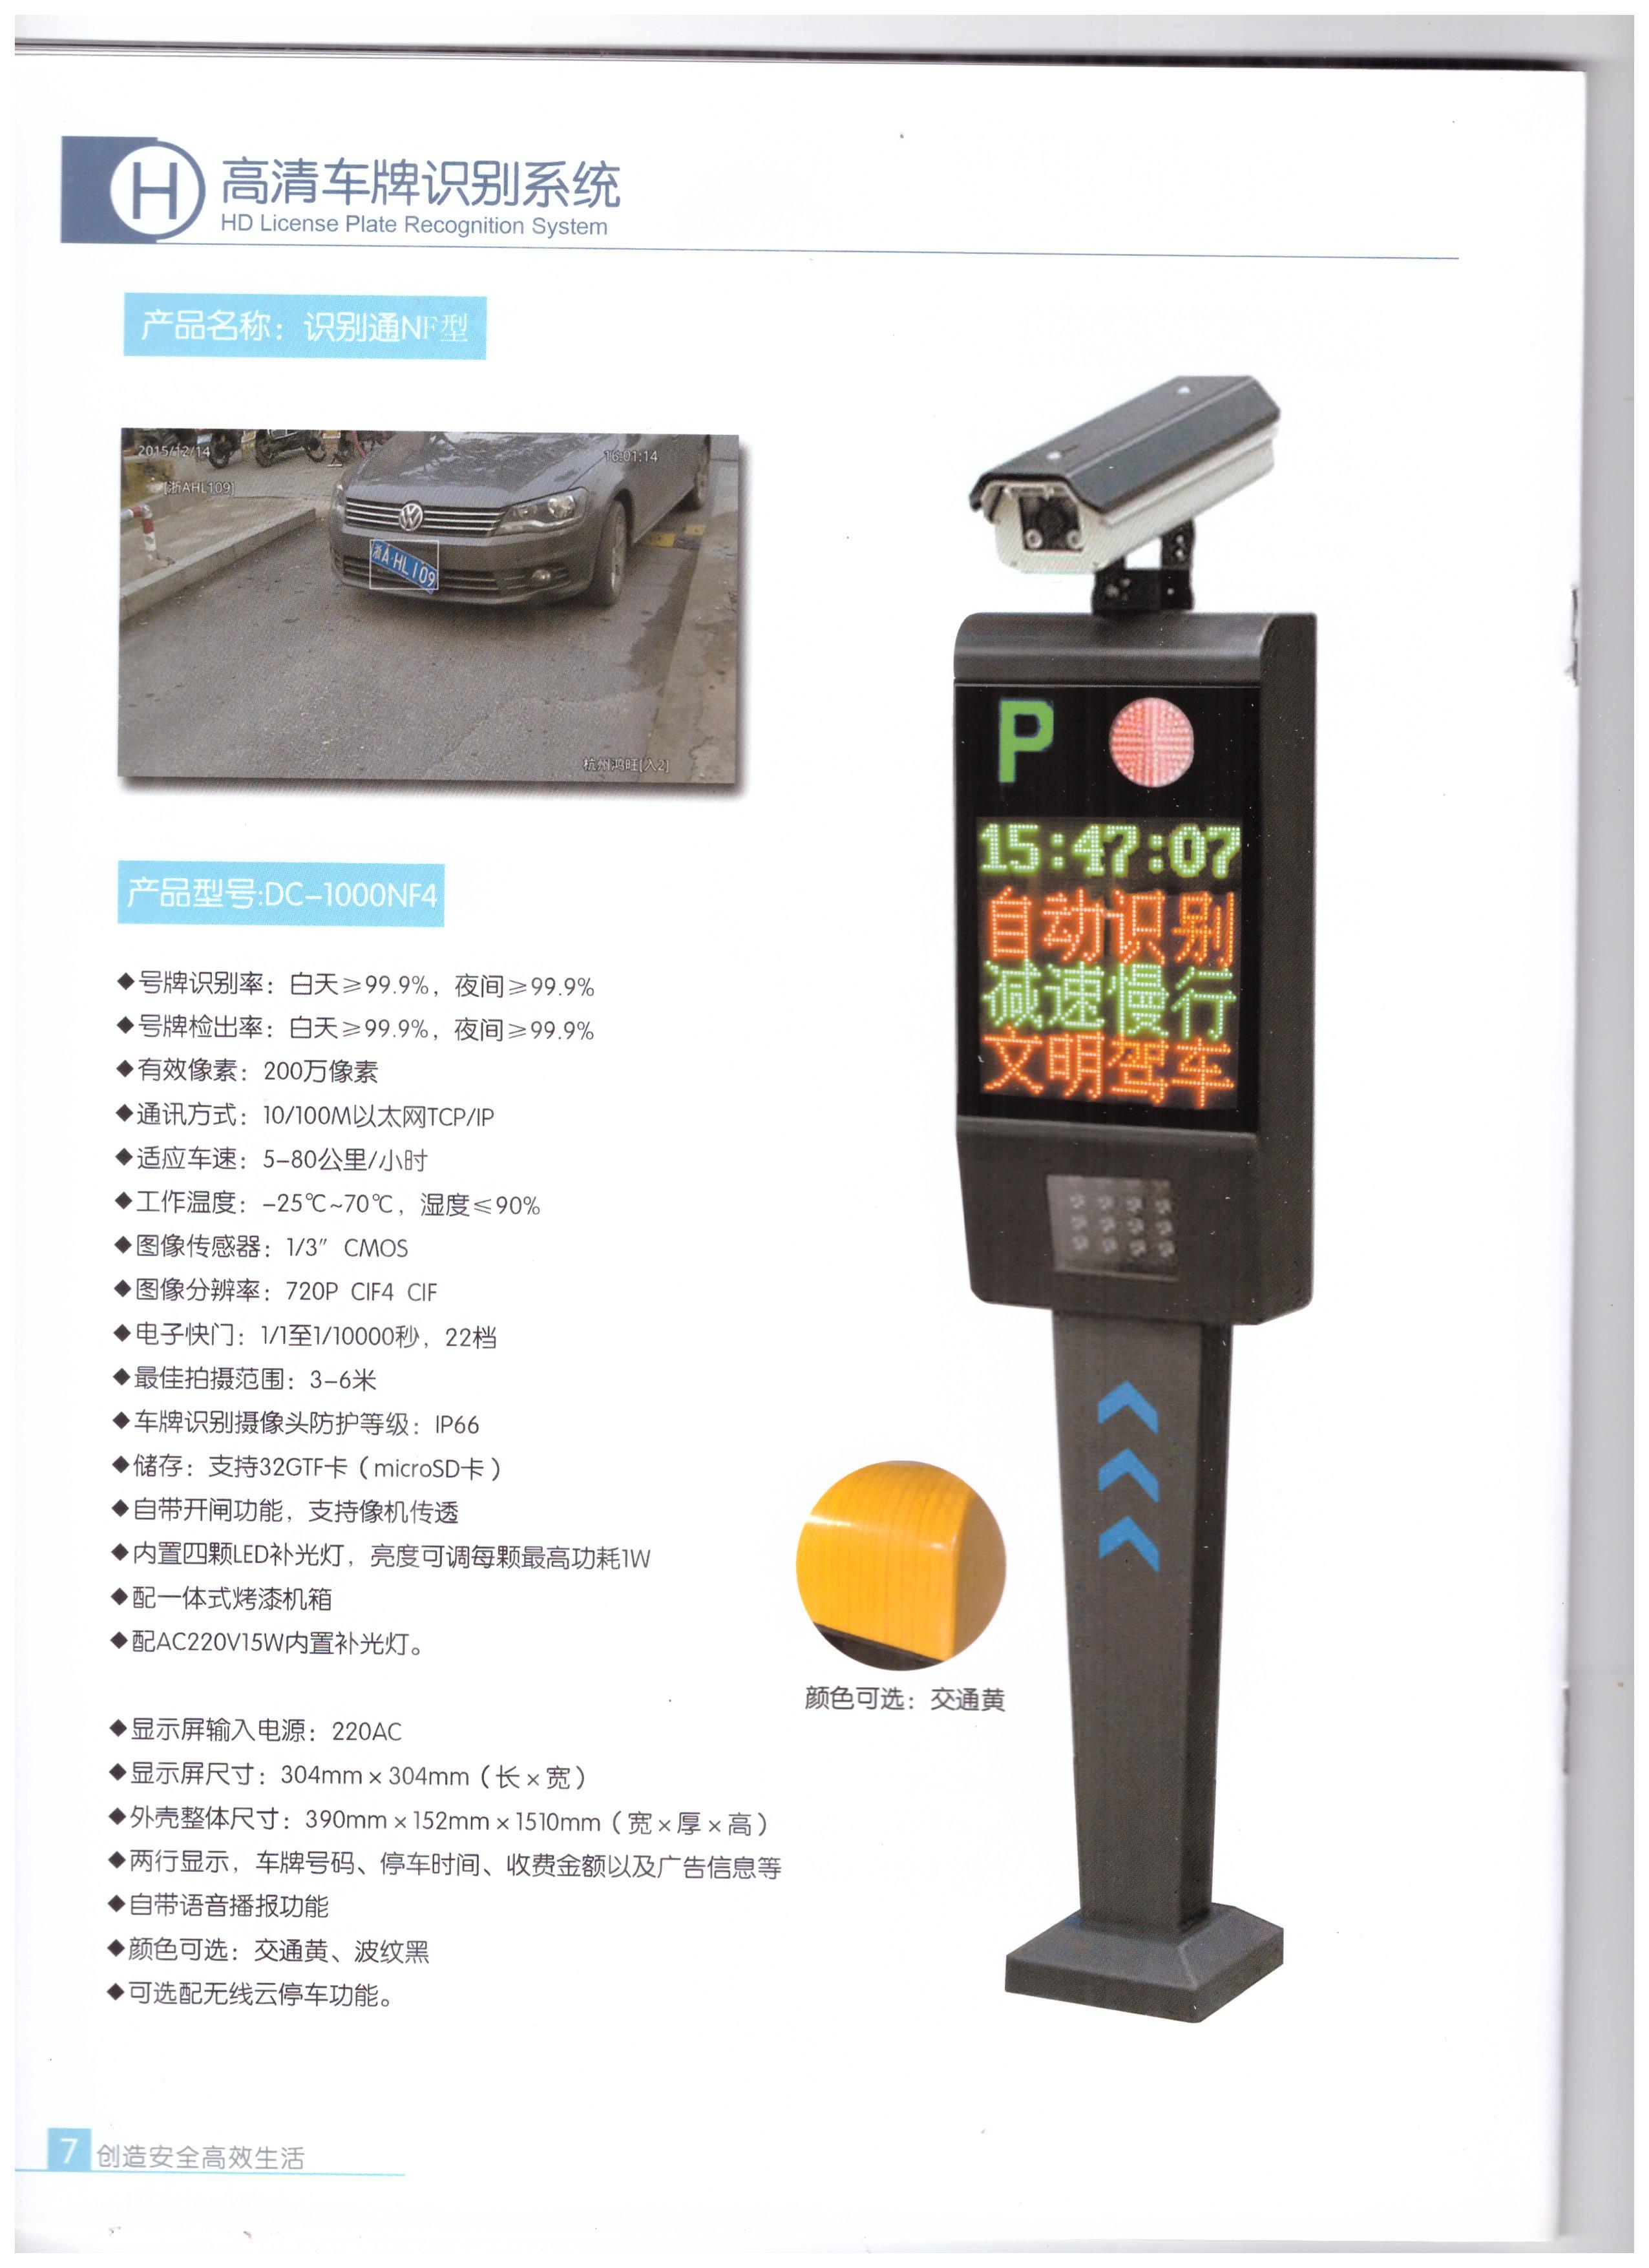 泉州实用的车牌识别系统到哪买 浙江车牌识别系统